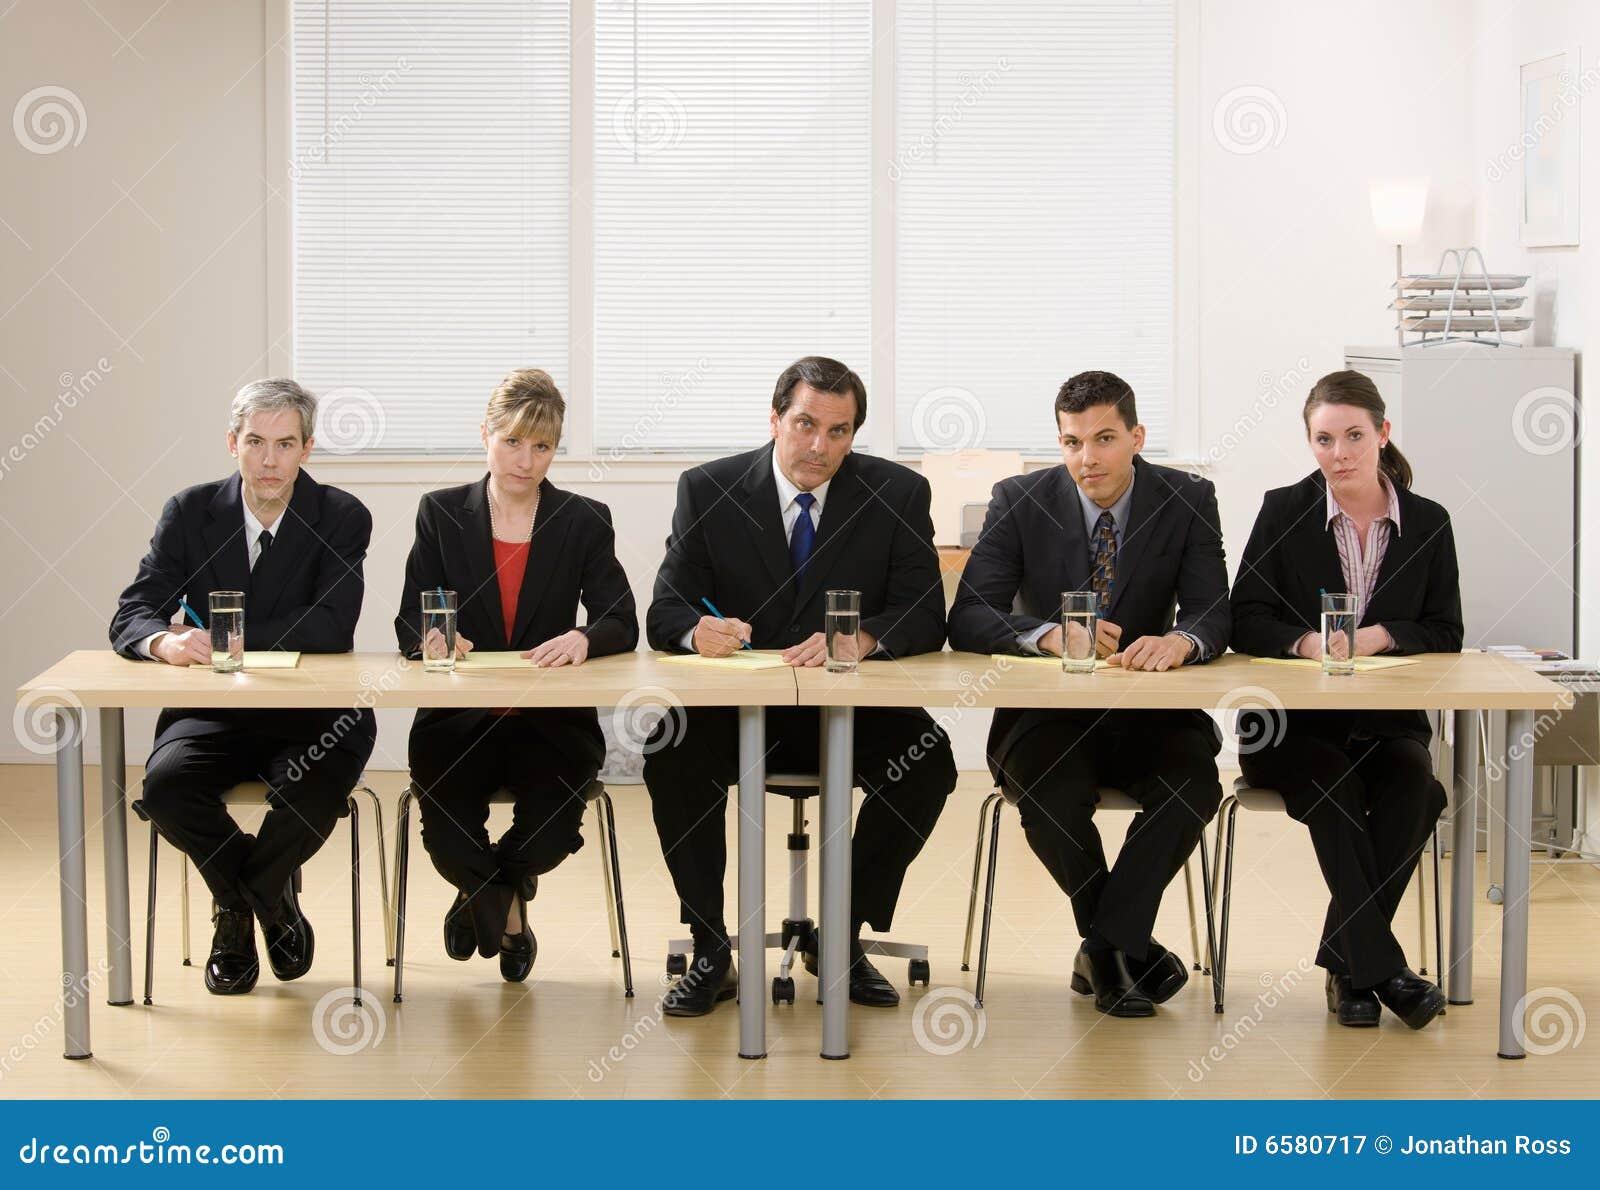 Painel dos colegas de trabalho aproximadamente para conduzir uma entrevista